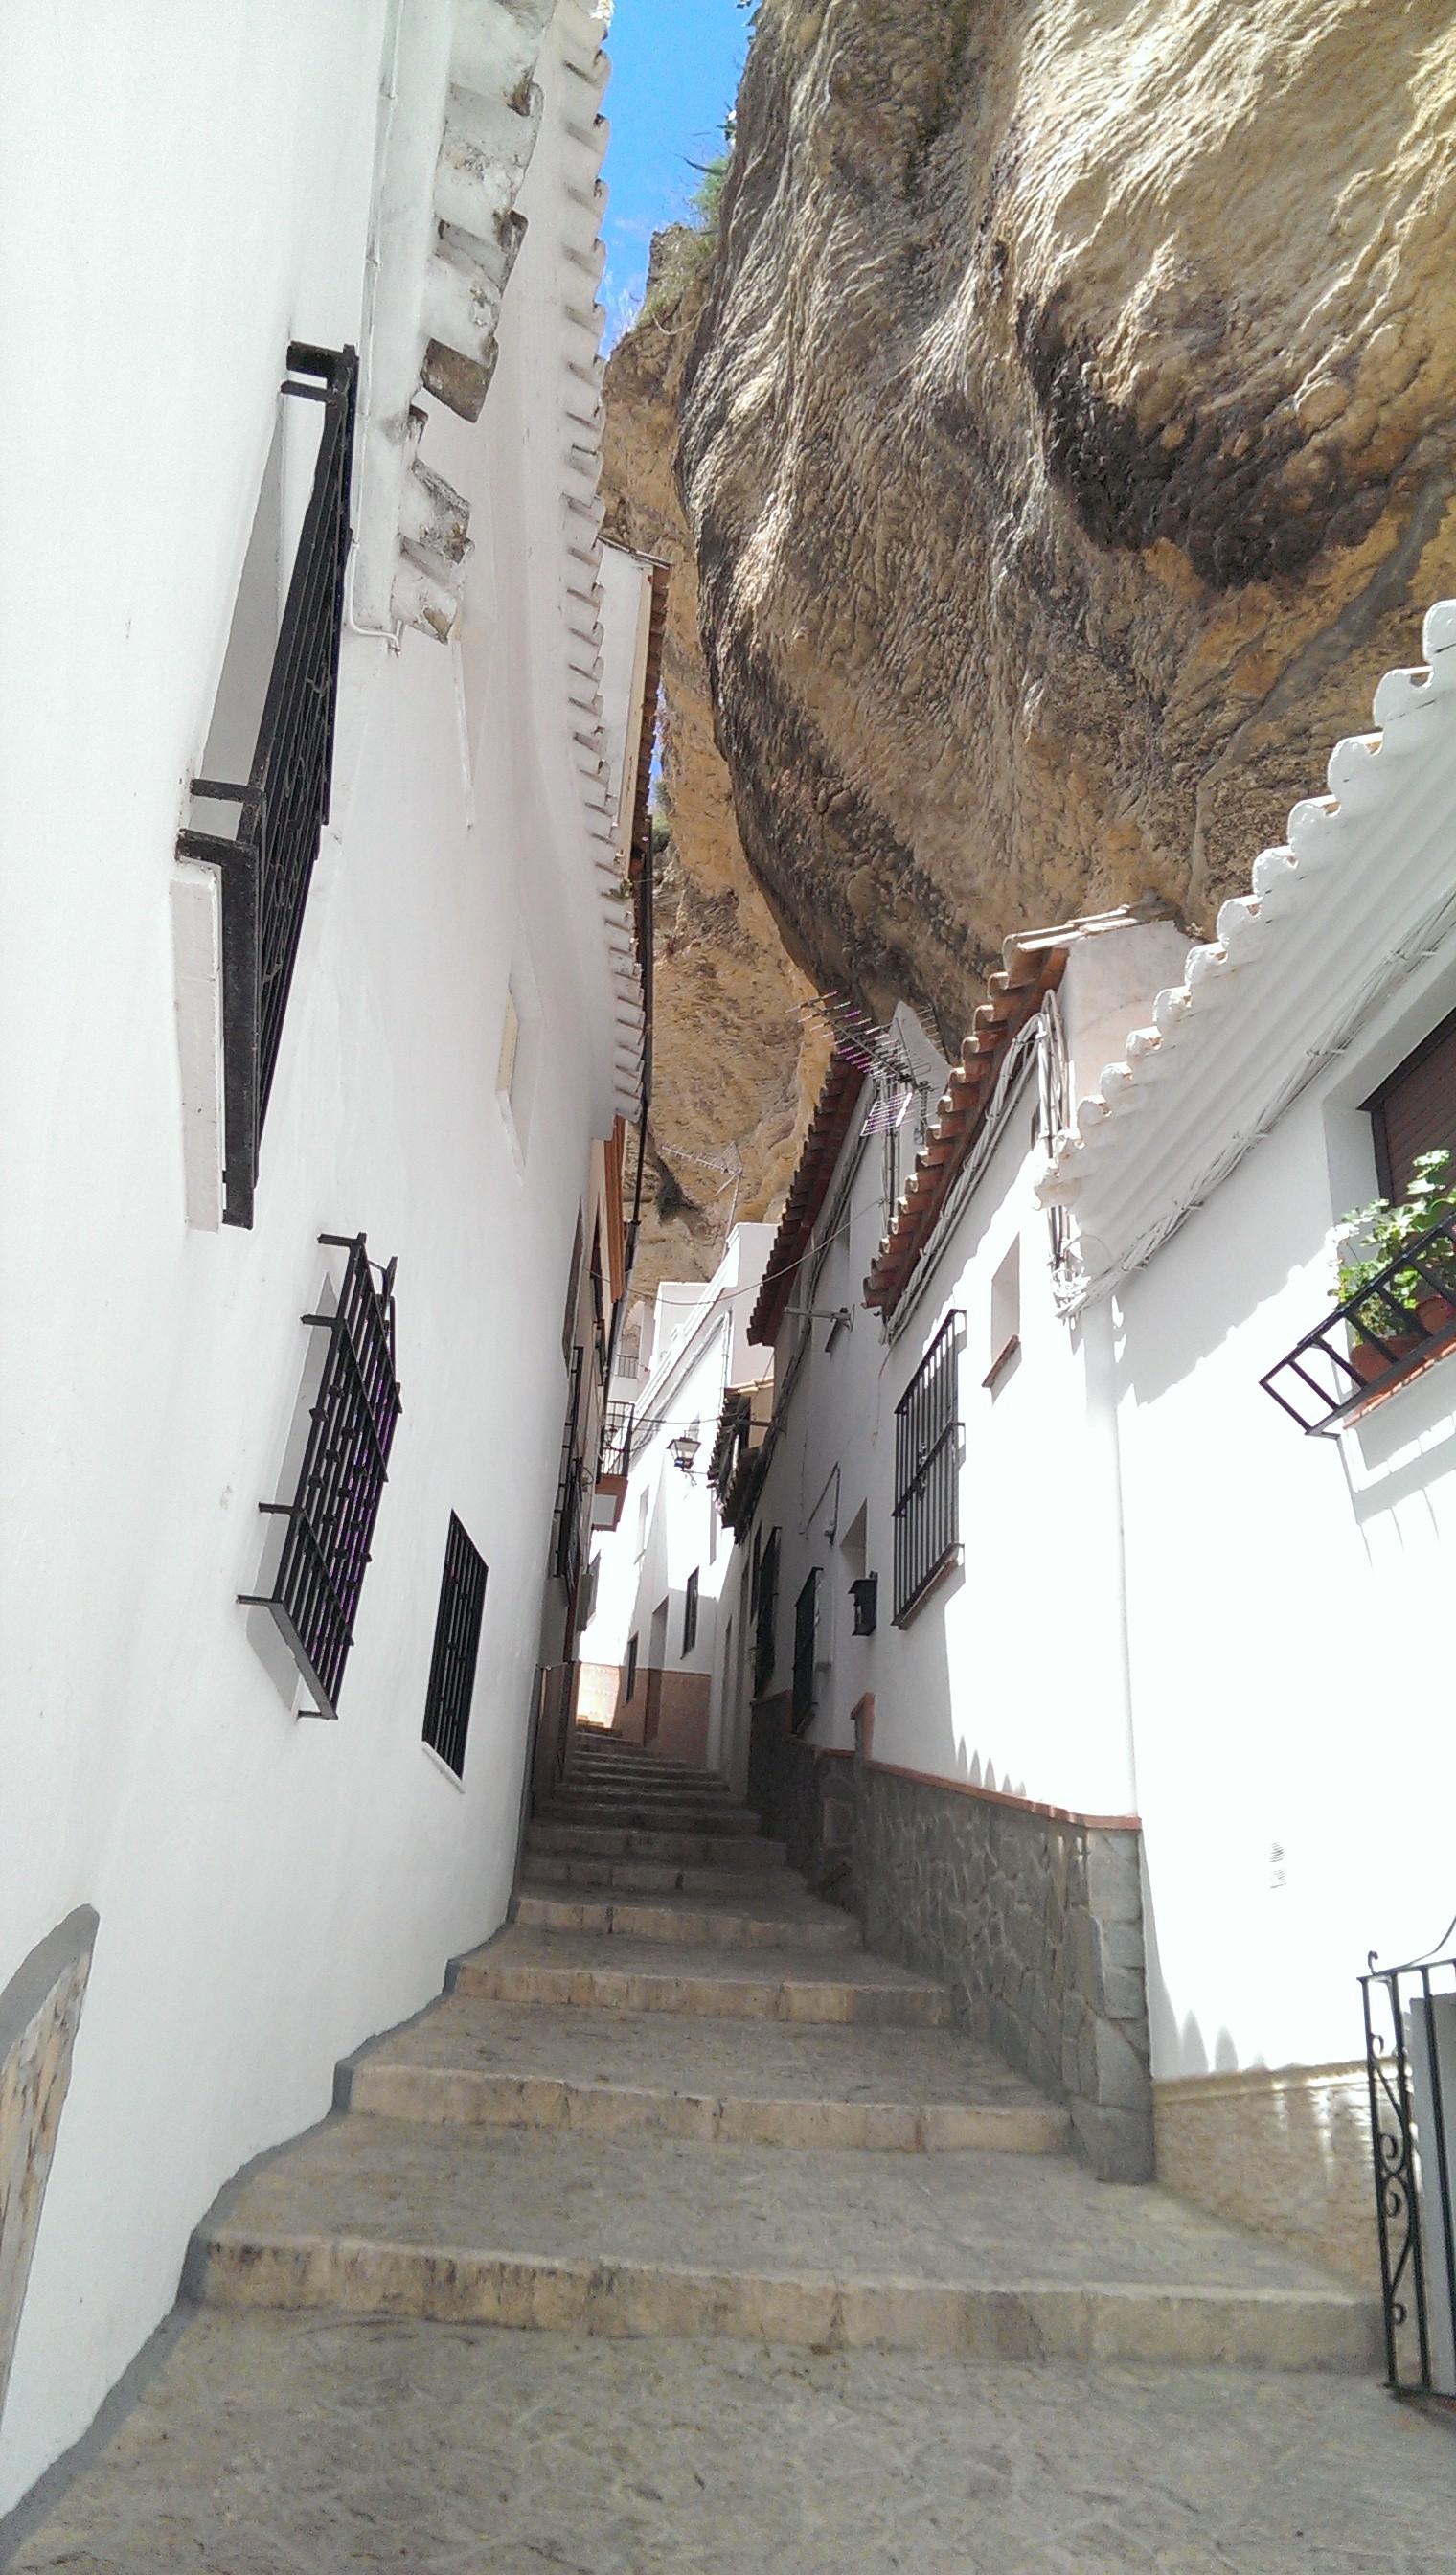 5. Setenil de las Bodegas - Living Under a Rock: Setenil de las Bodegas, Cádiz